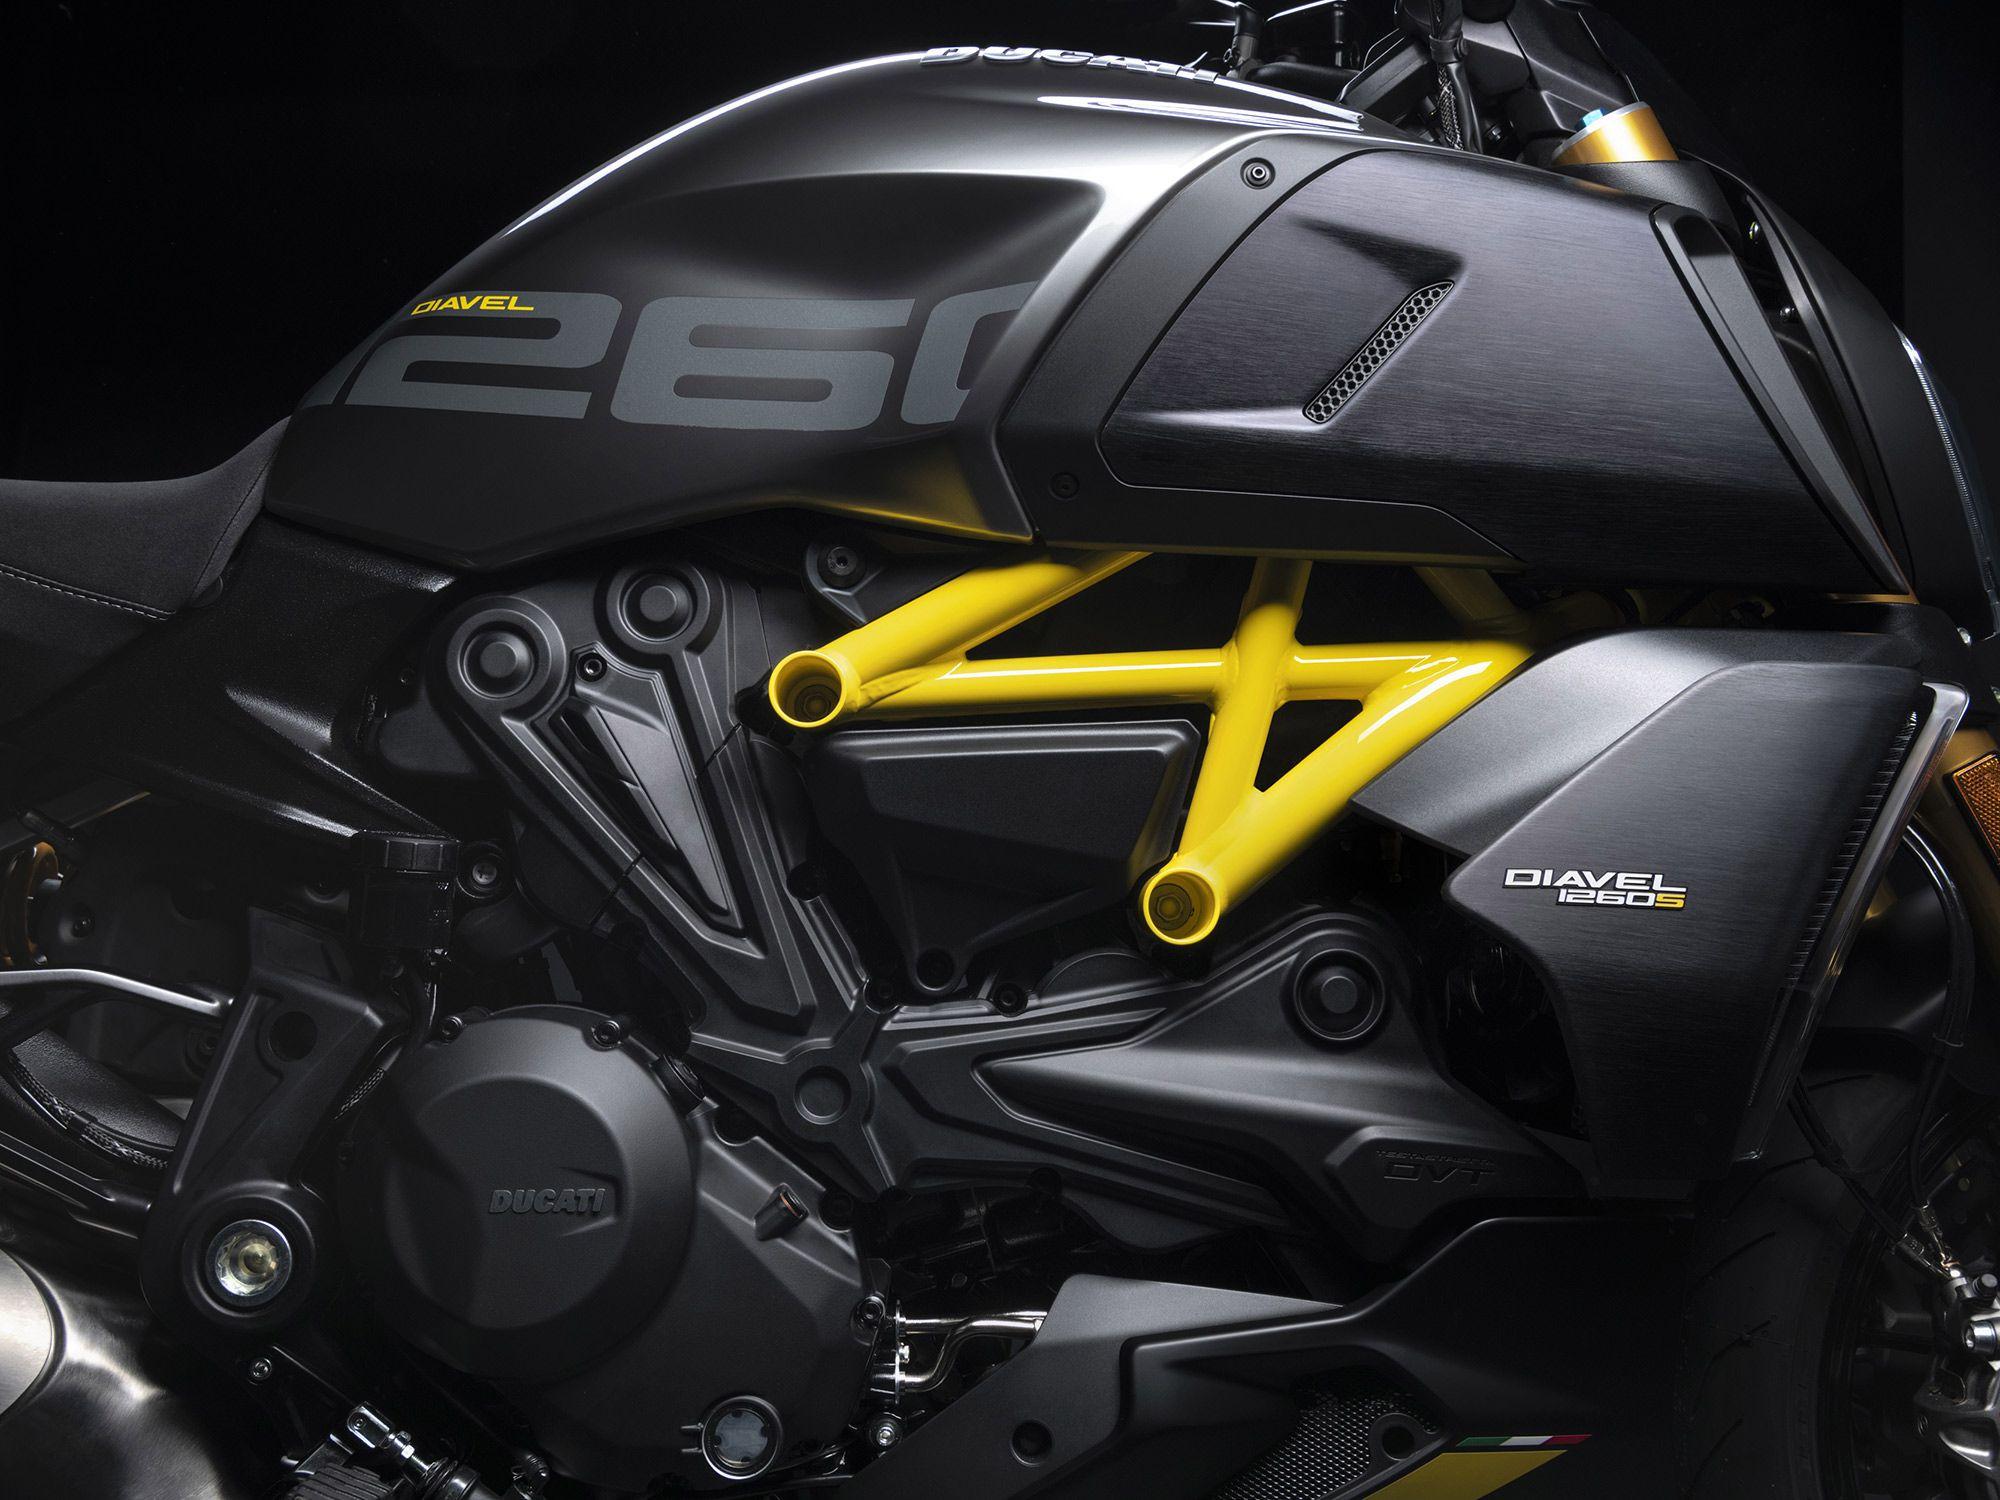 Een vleugje kleur om hem in het donker in te kaderen, maar verder is de beestachtige Testastretta DVT 1.262cc-motor nog steeds de ster van de show.